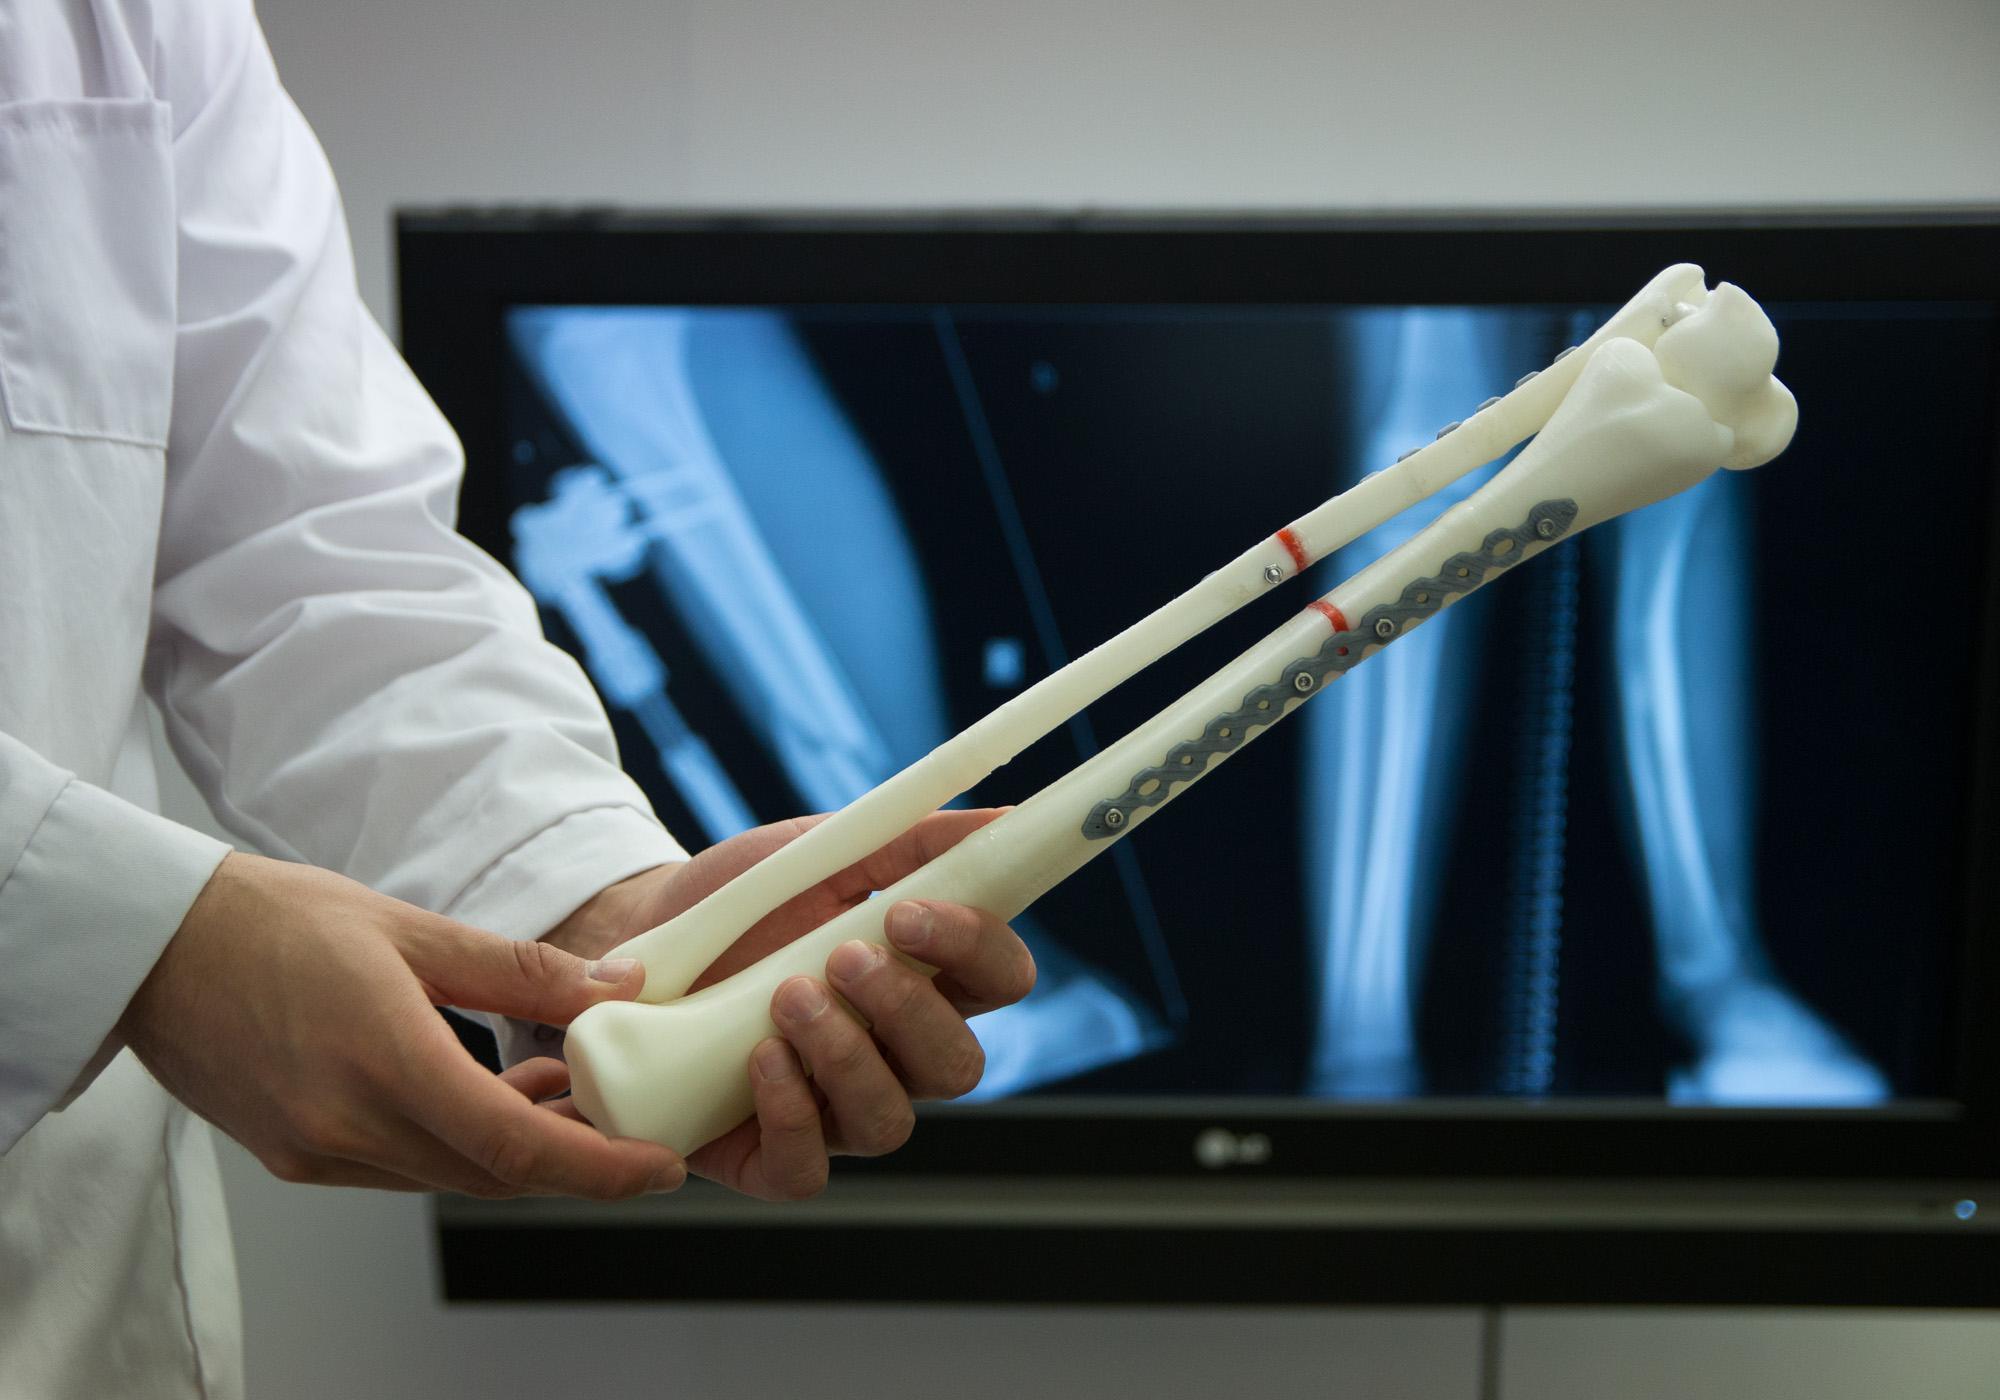 3D printed model of a bone stabilizer